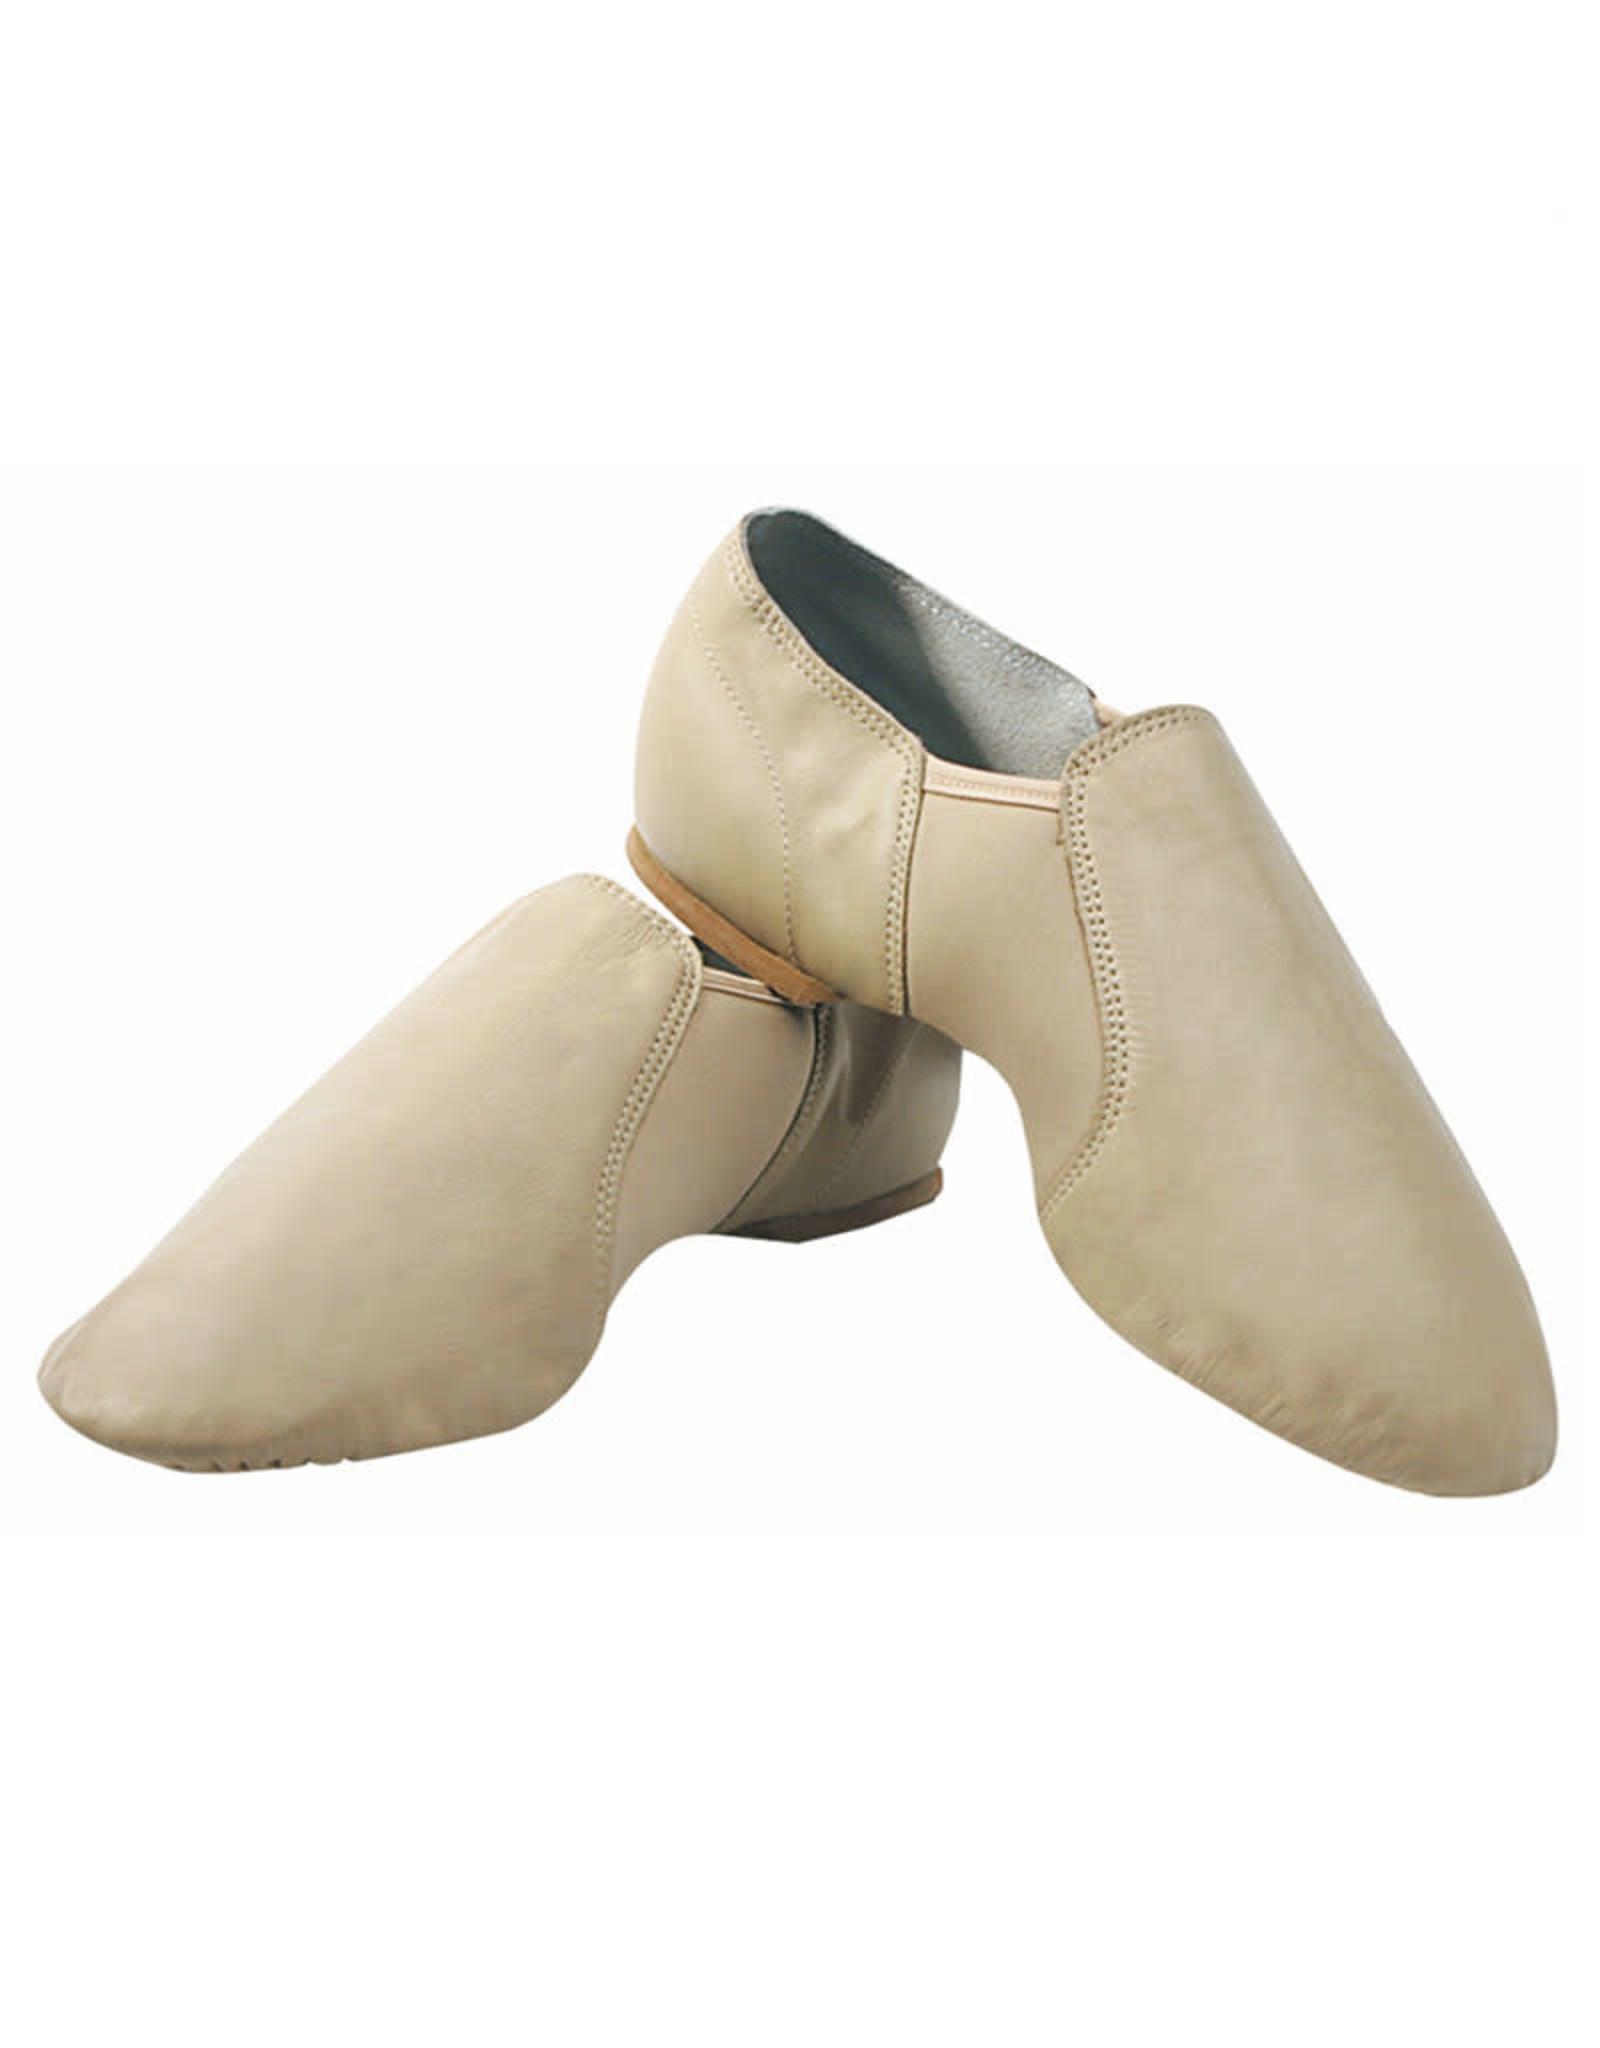 Sansha Little Charlotte Shoes